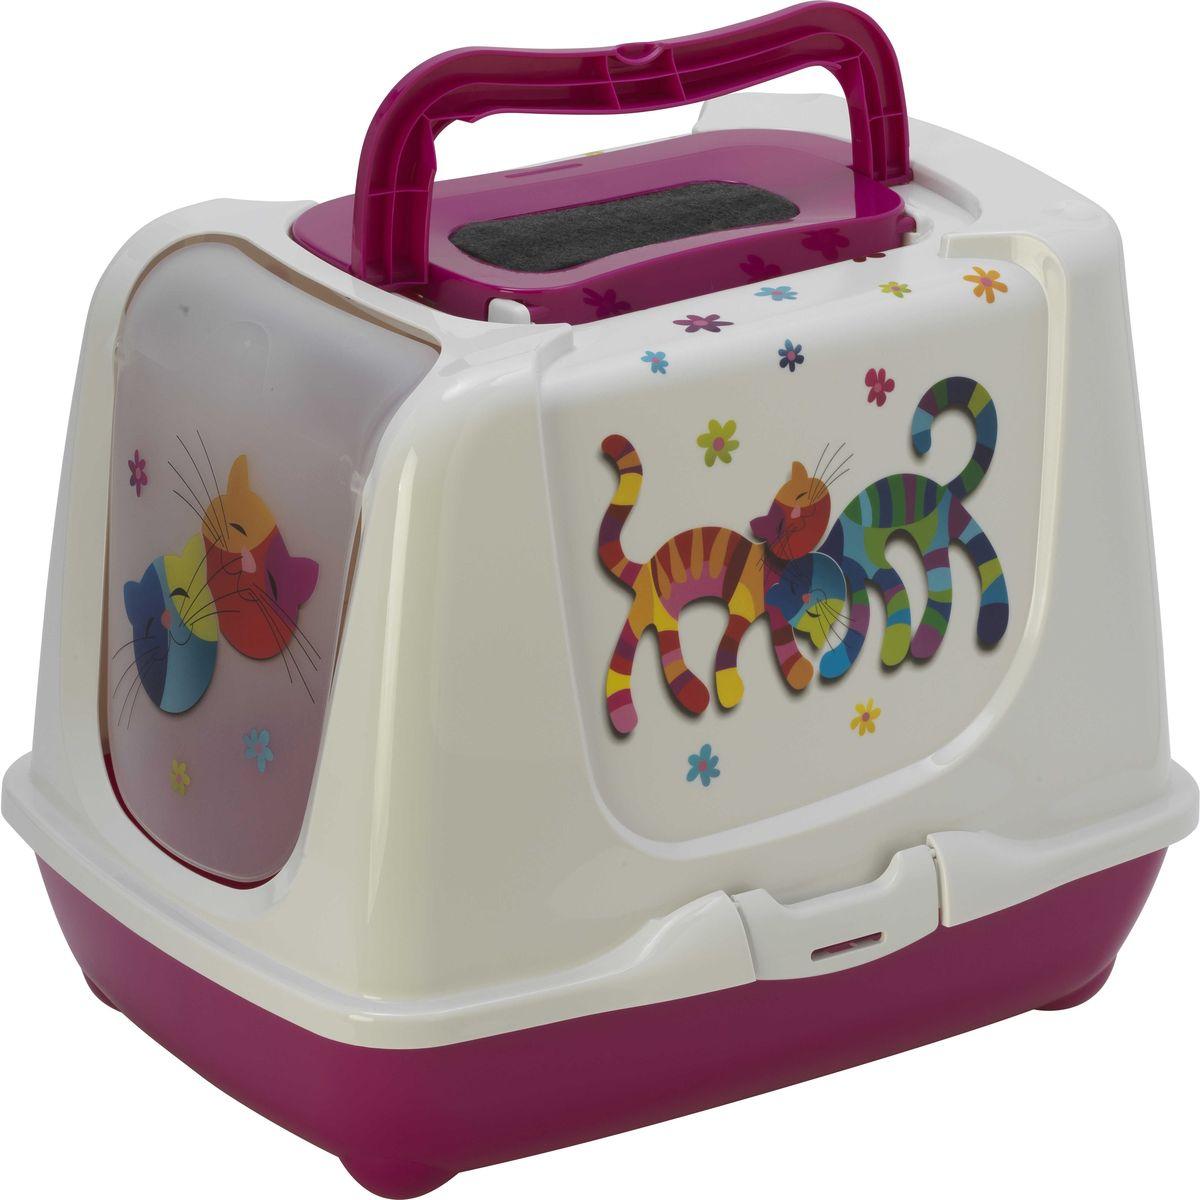 Туалет для кошек Moderna  Trendy Cat. Друзья навсегда , закрытый, цвет: ярко-розовый, 57 х 45 х 42,6 см - Наполнители и туалетные принадлежности